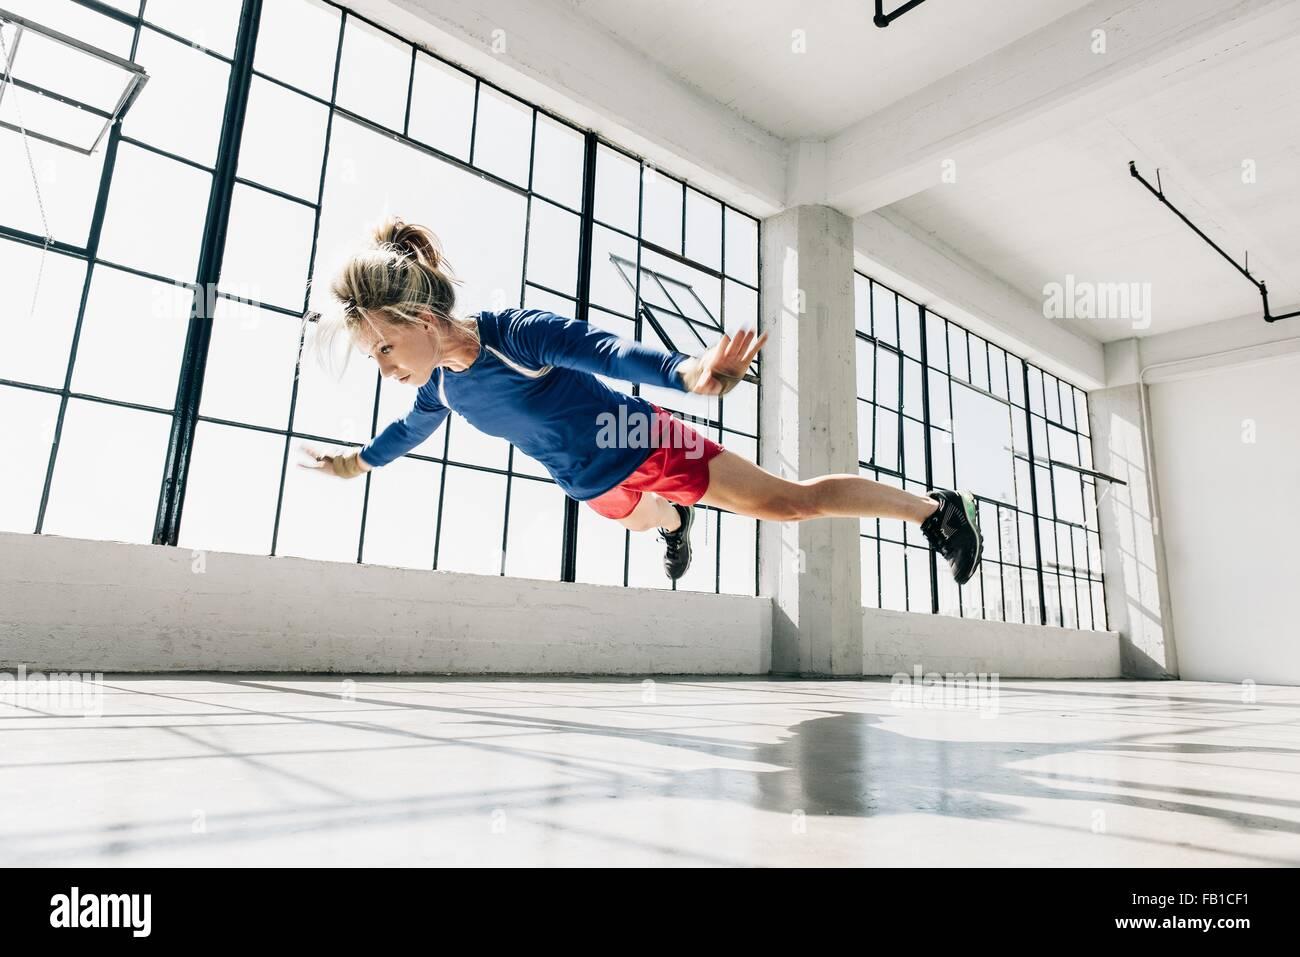 Ángulo de visión baja de la mujer joven en el gimnasio haciendo subir el aire. Imagen De Stock